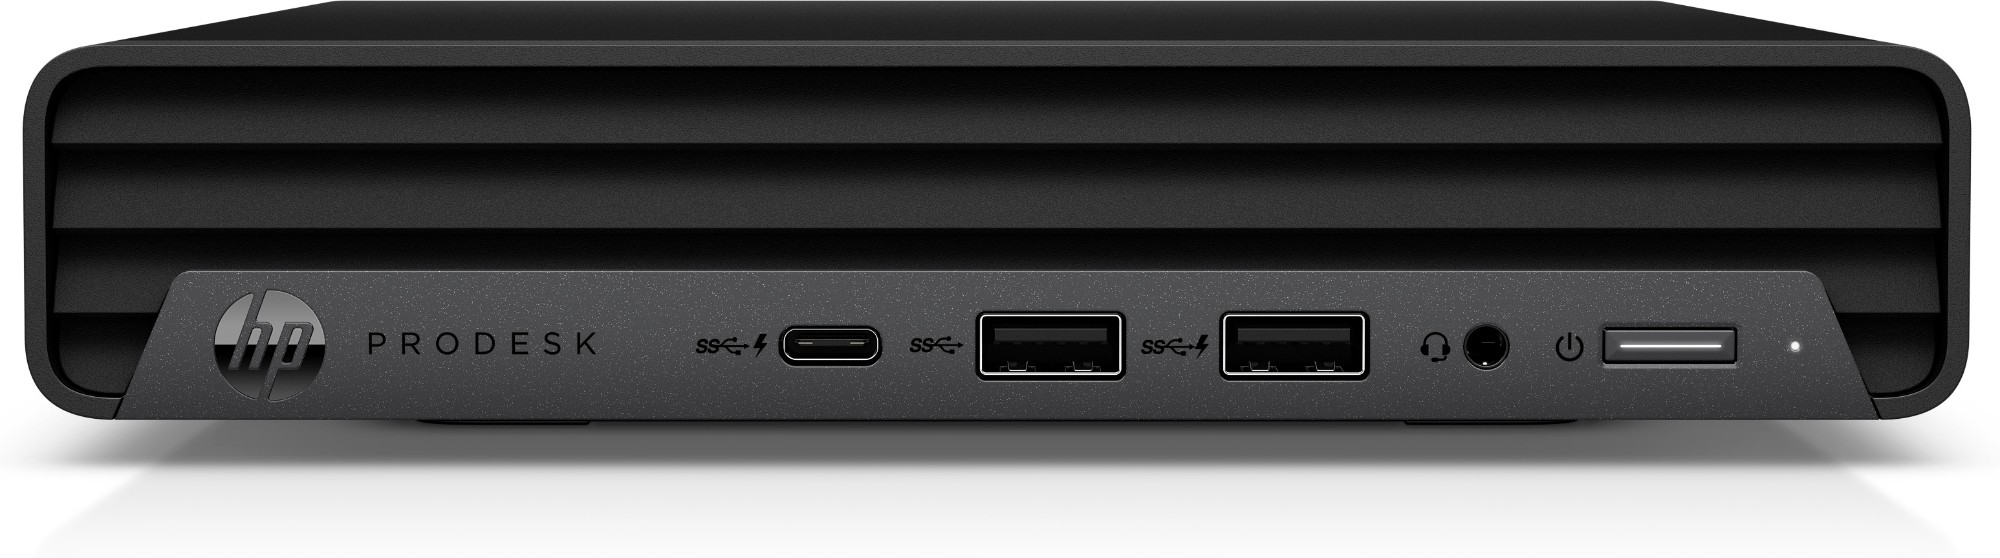 HP ProDesk 400 G6 DDR4-SDRAM i5-10400T mini PC 10th gen Intel-� Core��� i5 8 GB 512 GB SSD Windows 10 Pro Black